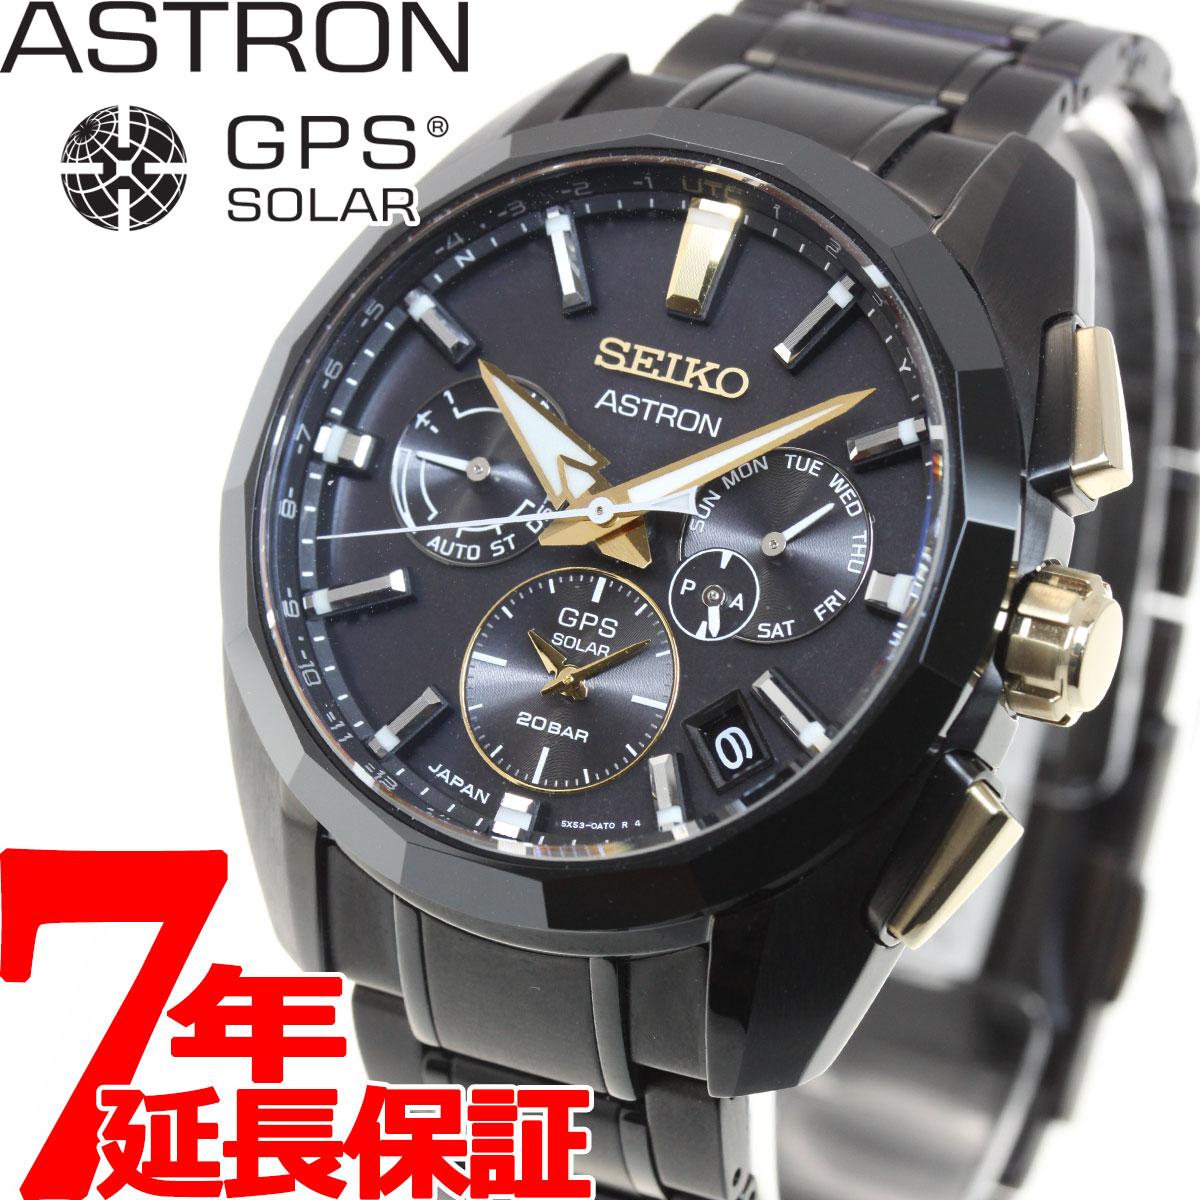 腕時計, メンズ腕時計 25057252359 SEIKO ASTRON GPS GPS 160 SBXC0732020